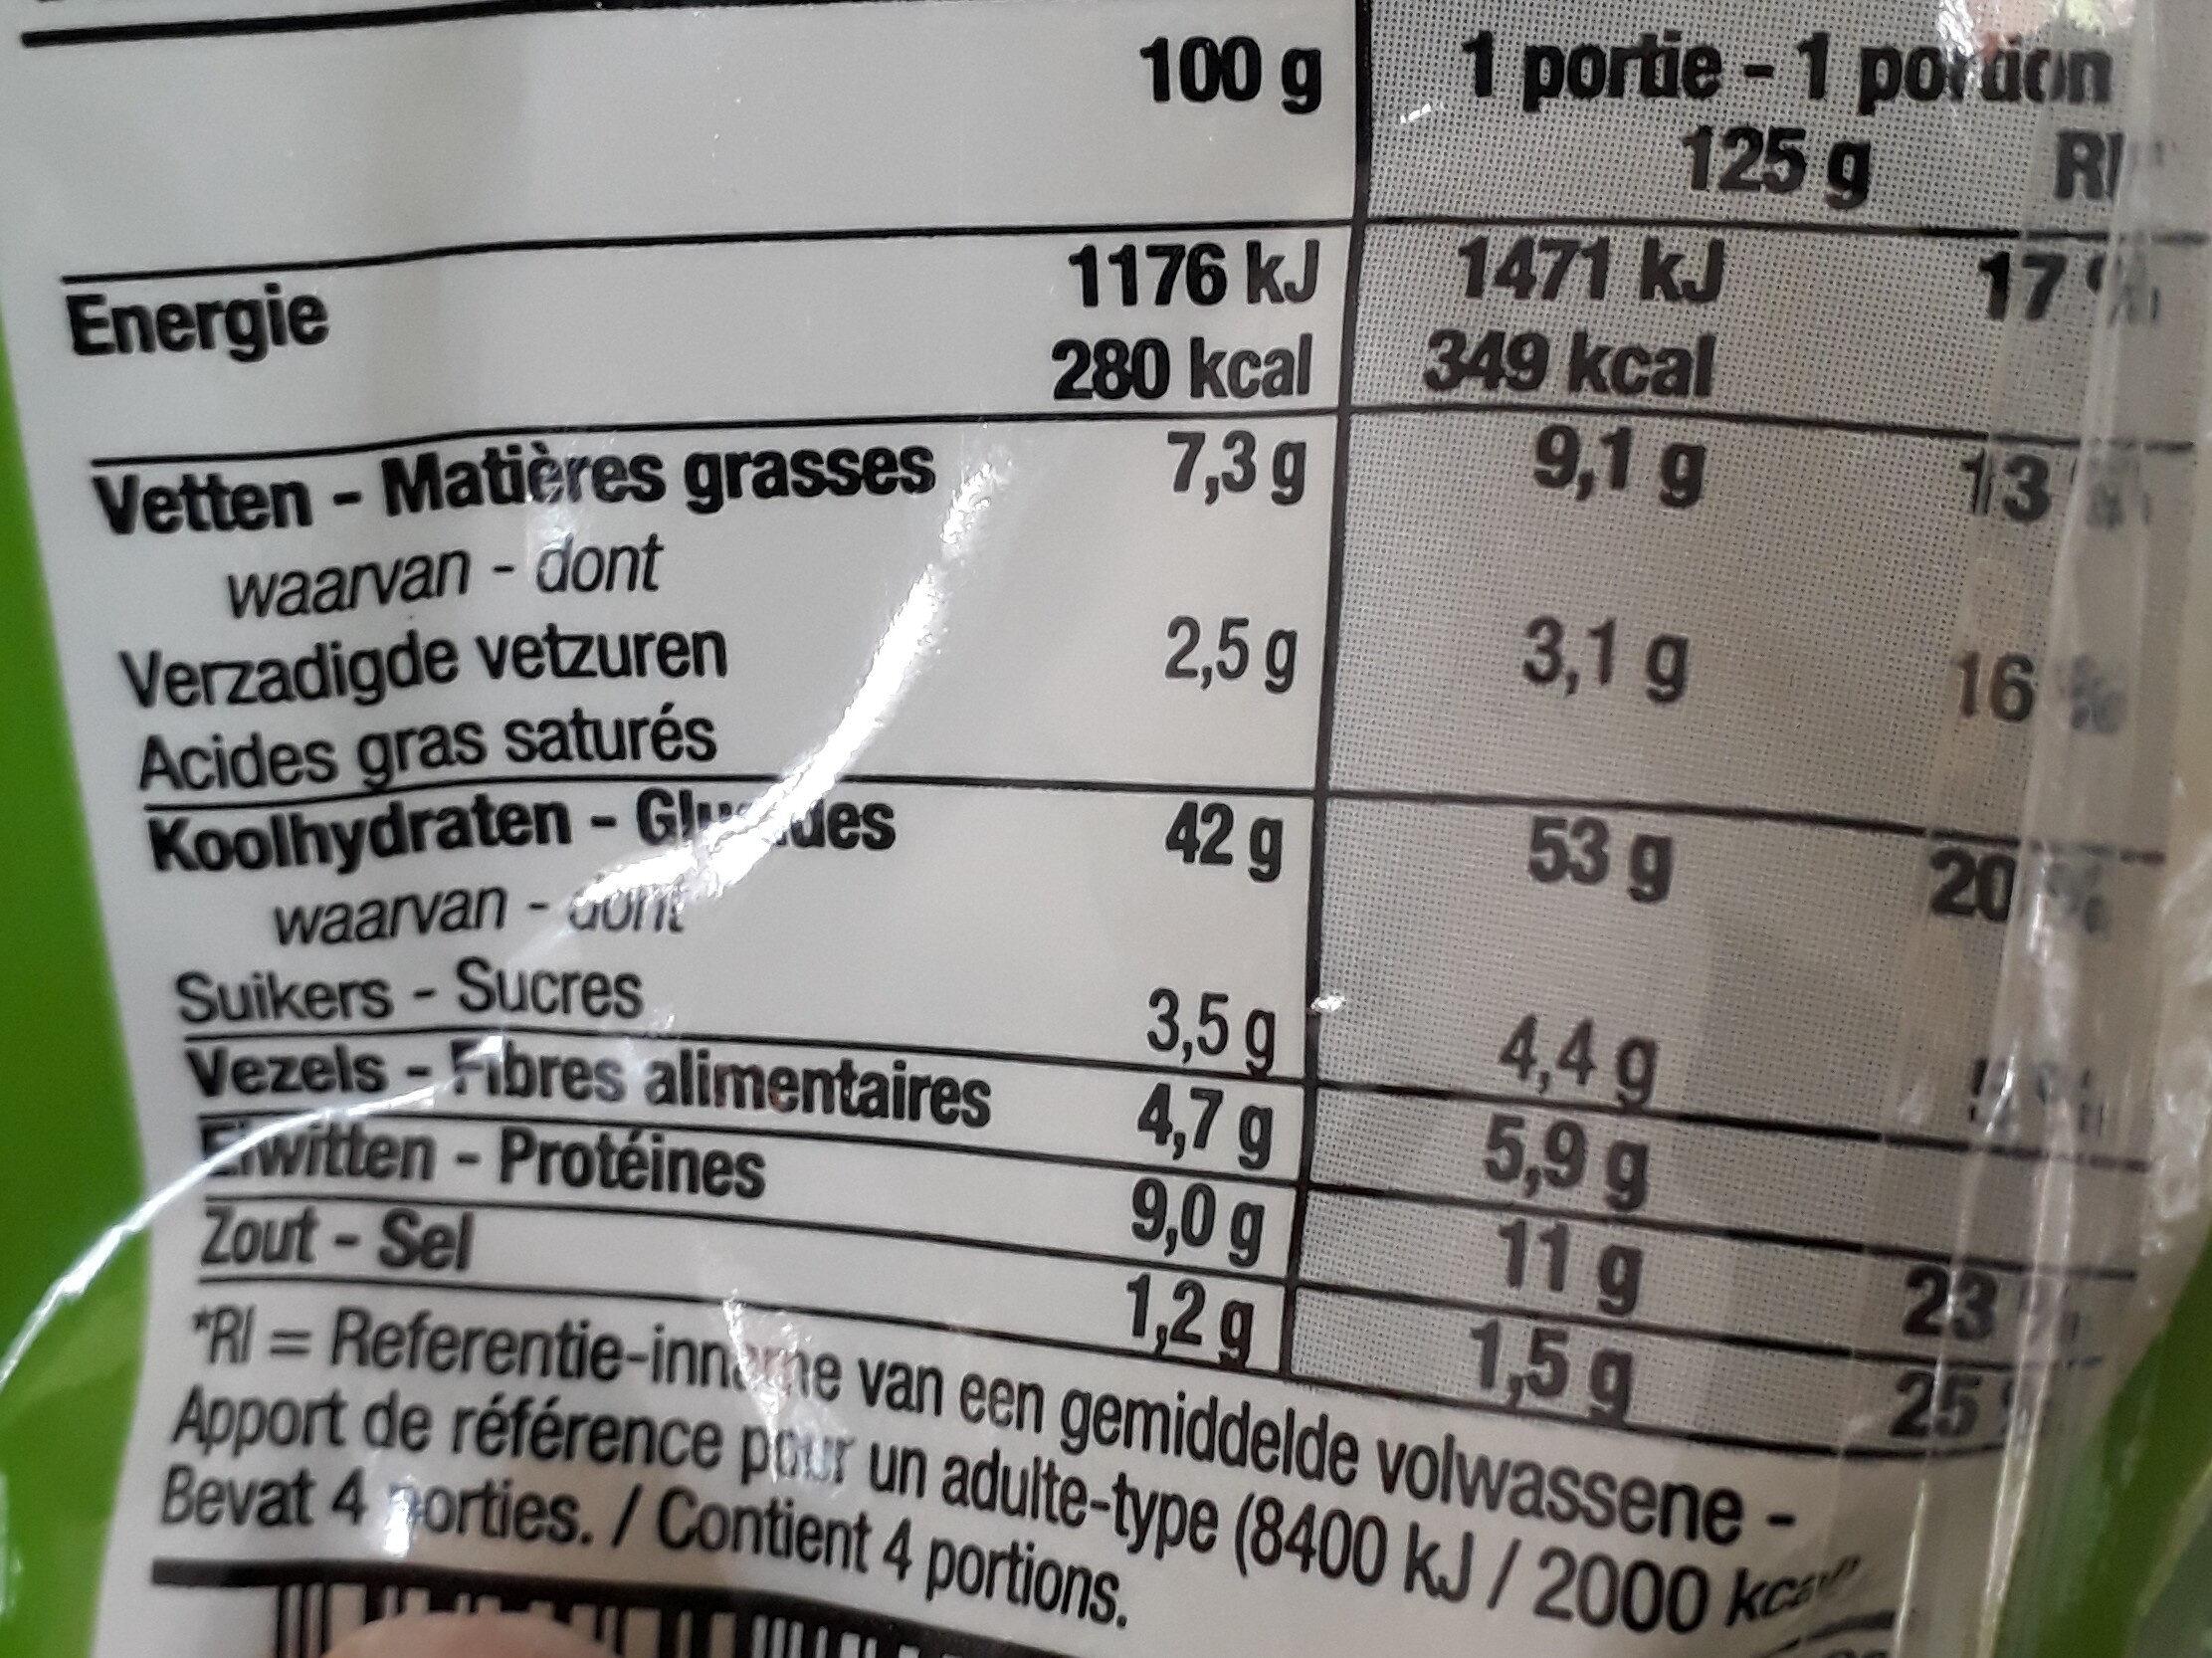 Tortellini ricotta epinards - Voedingswaarden - fr